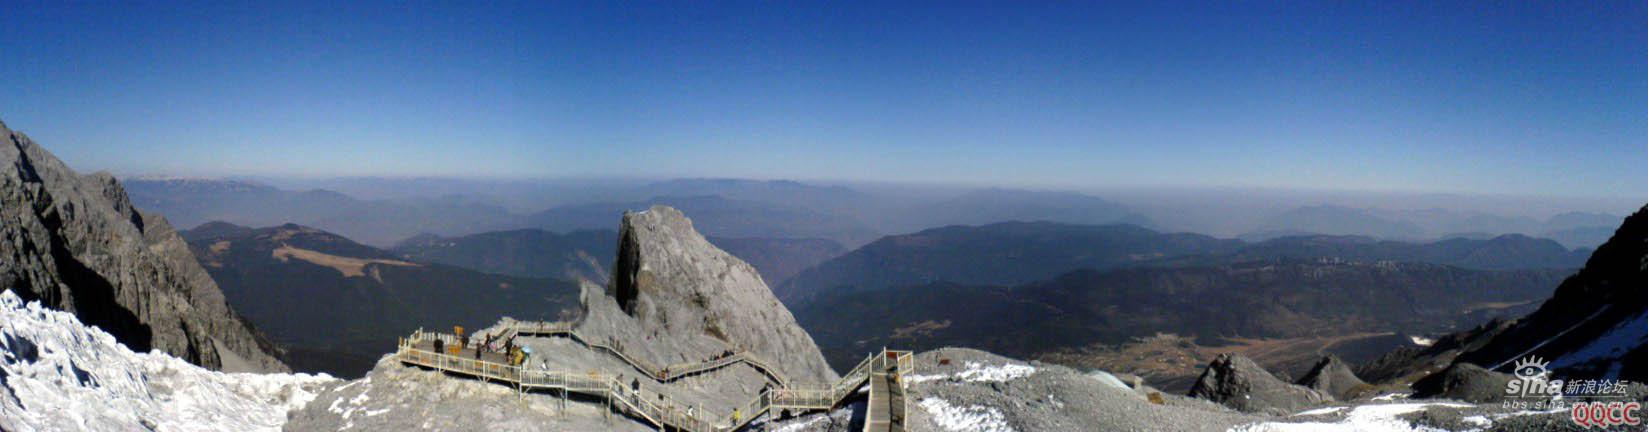 图片:丽江玉龙雪山顶远眺全景图